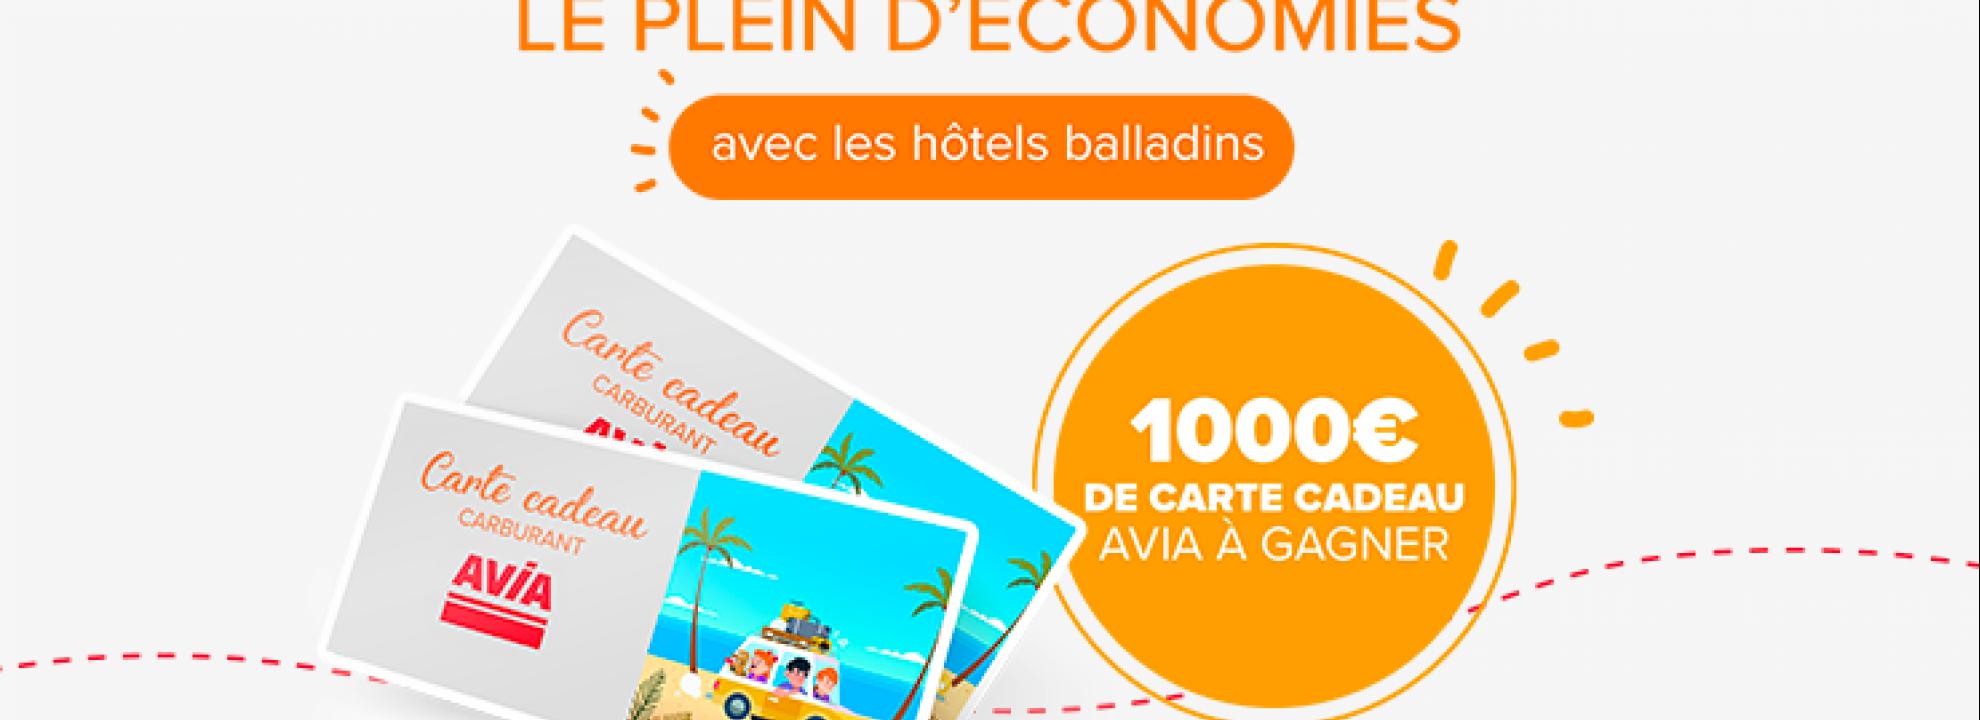 Balladins-07 2020 jeu-concours-banniere-blog-740-500